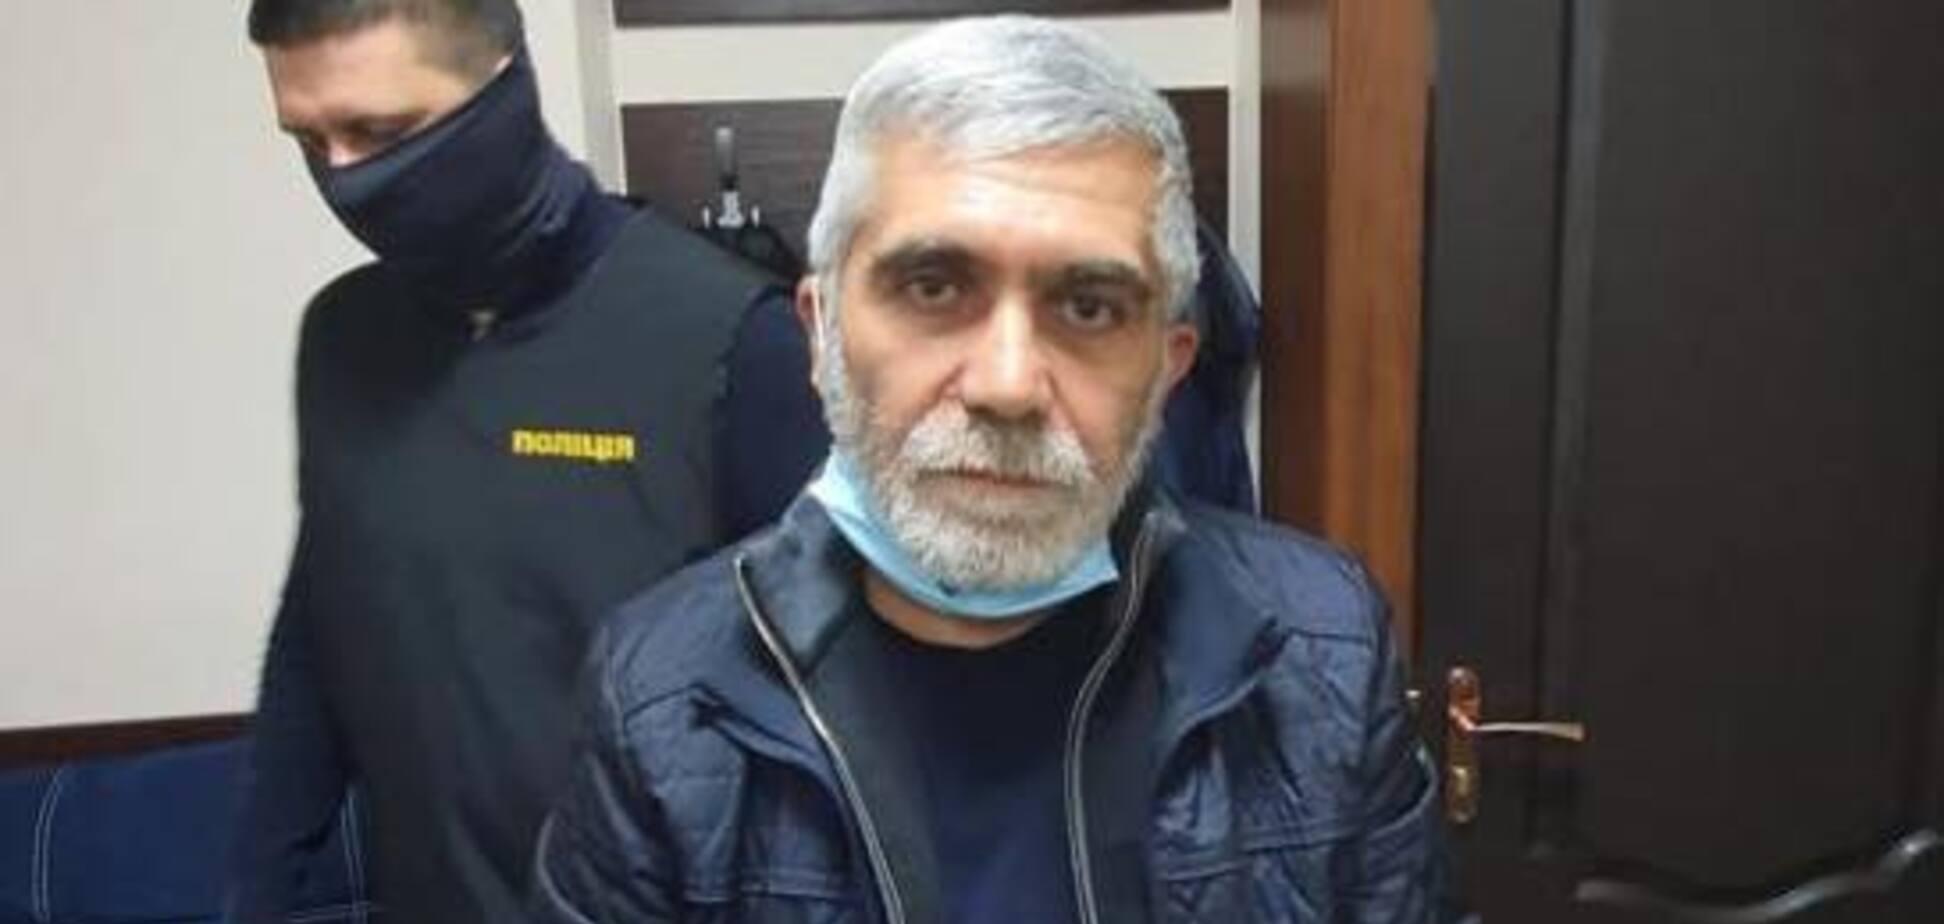 У Кривому Розі зловили кримінального авторитета, який втік із суду: фото